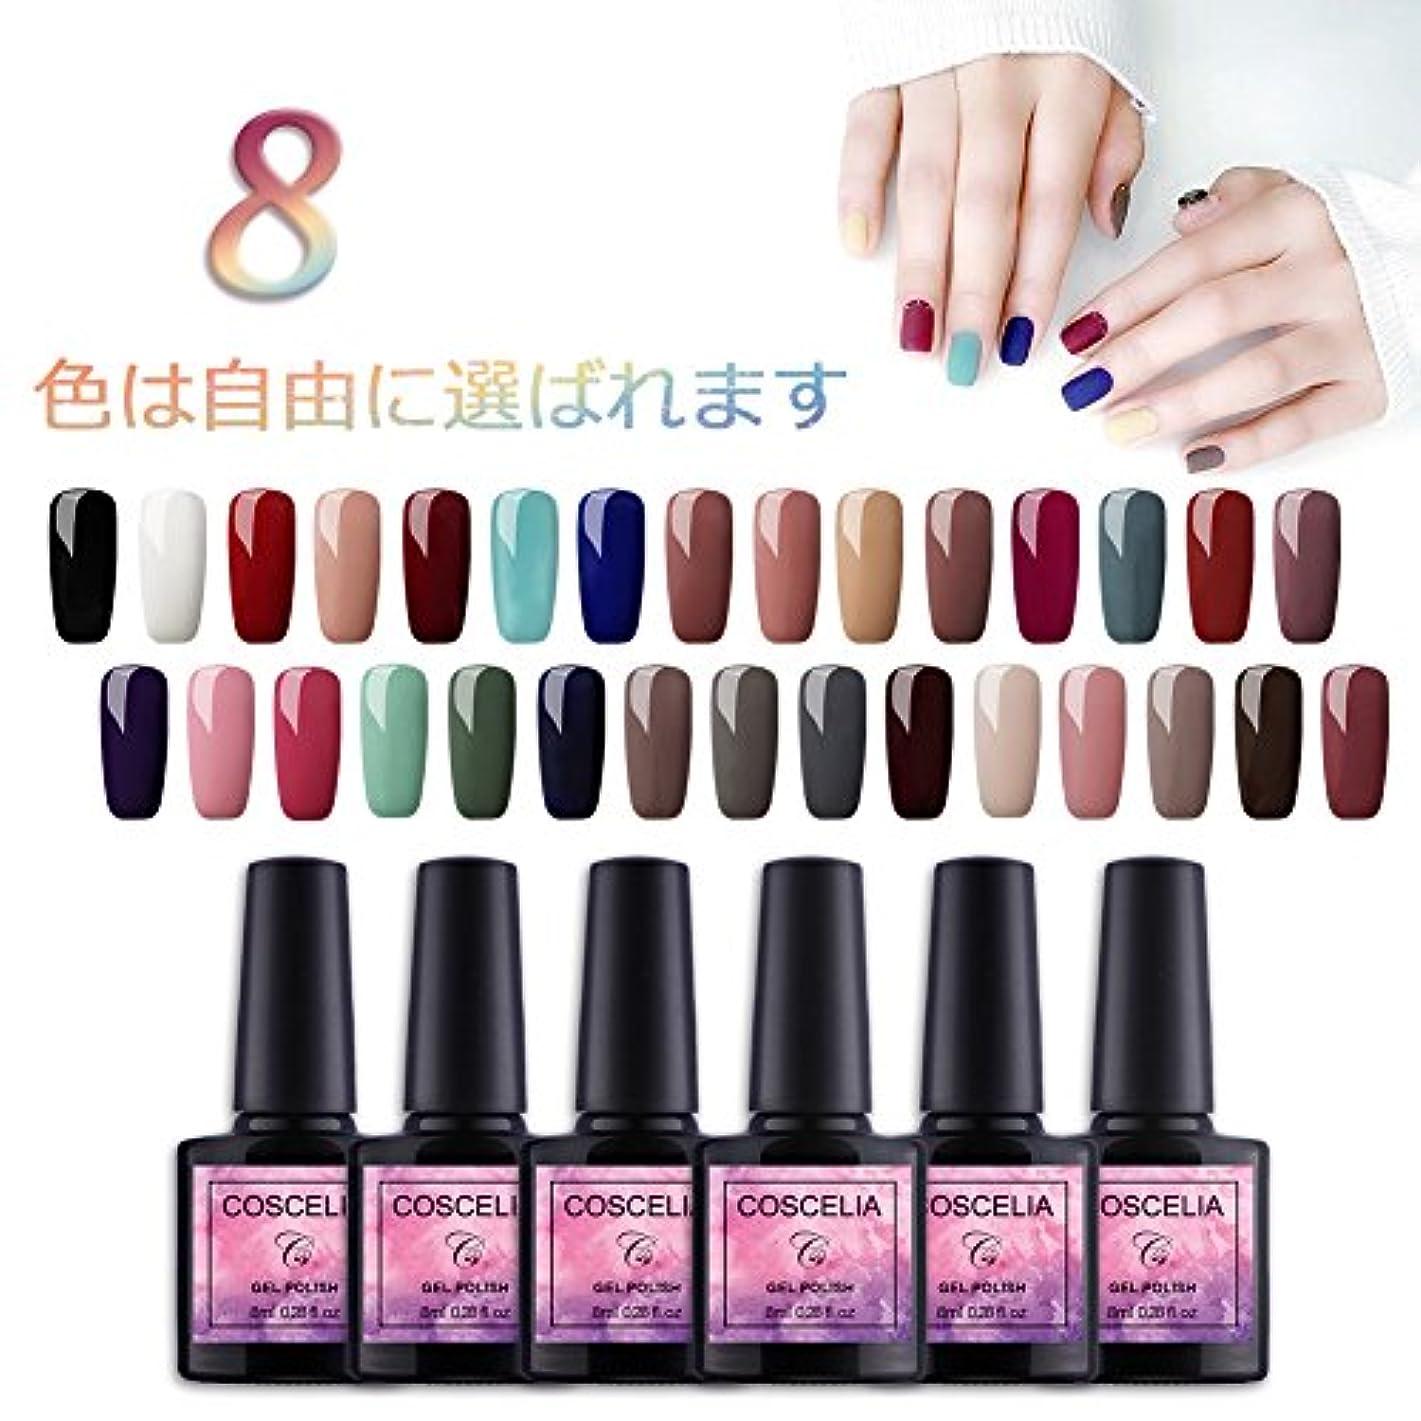 やめる教える帝国Twinkle Store カラージェル 8色套装 8 ml UV/LED 适用 ジェルネイルカラー ネイルアートジェルで簡単に DIY 8色を自由に選ぶことができる